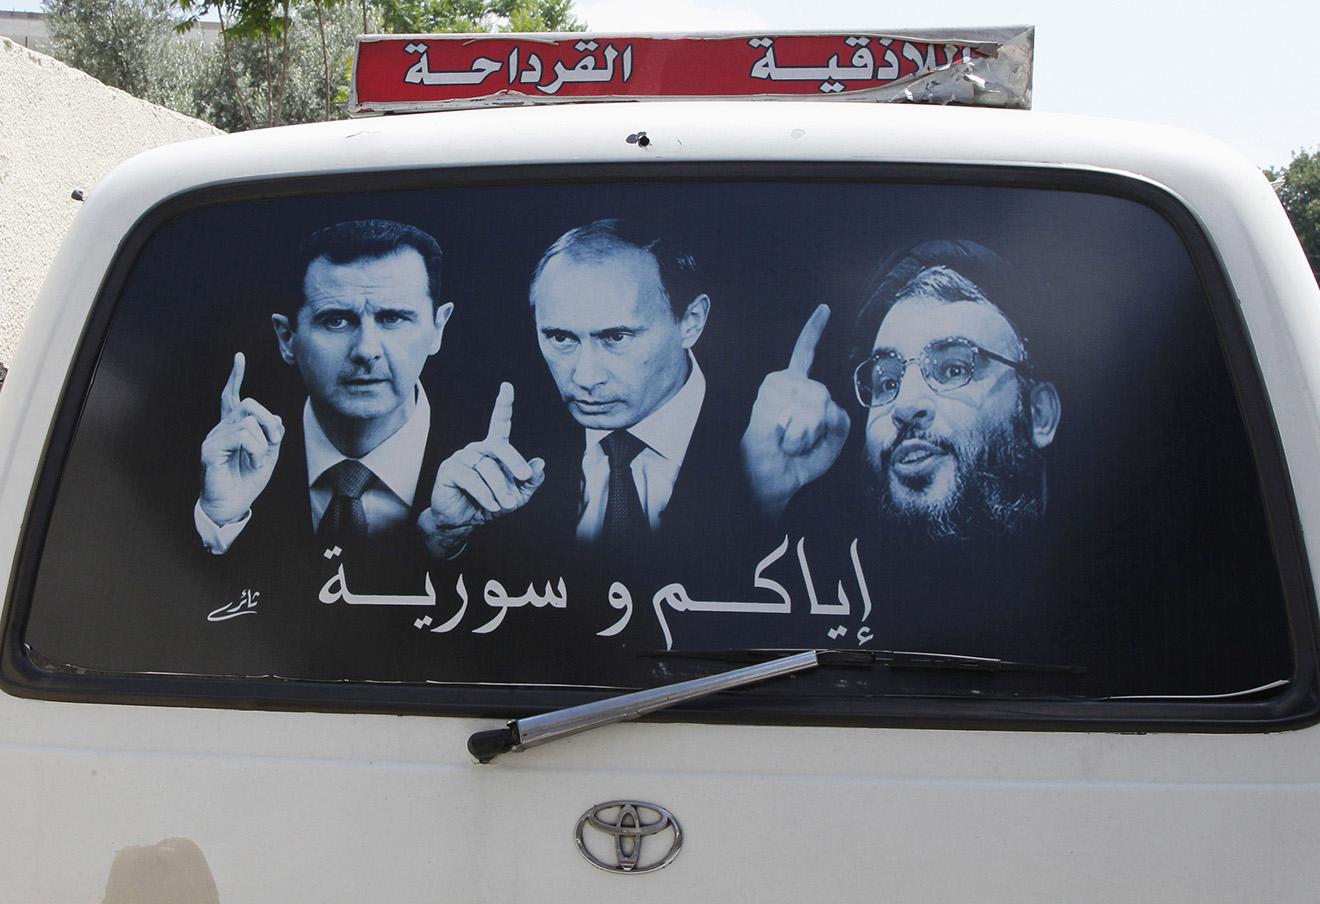 Постер, изображающий президента Сирии Башара Асада, президента России Владимира Путина и лидера Хэзболлы Сайеда Хасана Насраллы. Сирия, Латакия. Фото: Khaled Al Hariri / Reuters